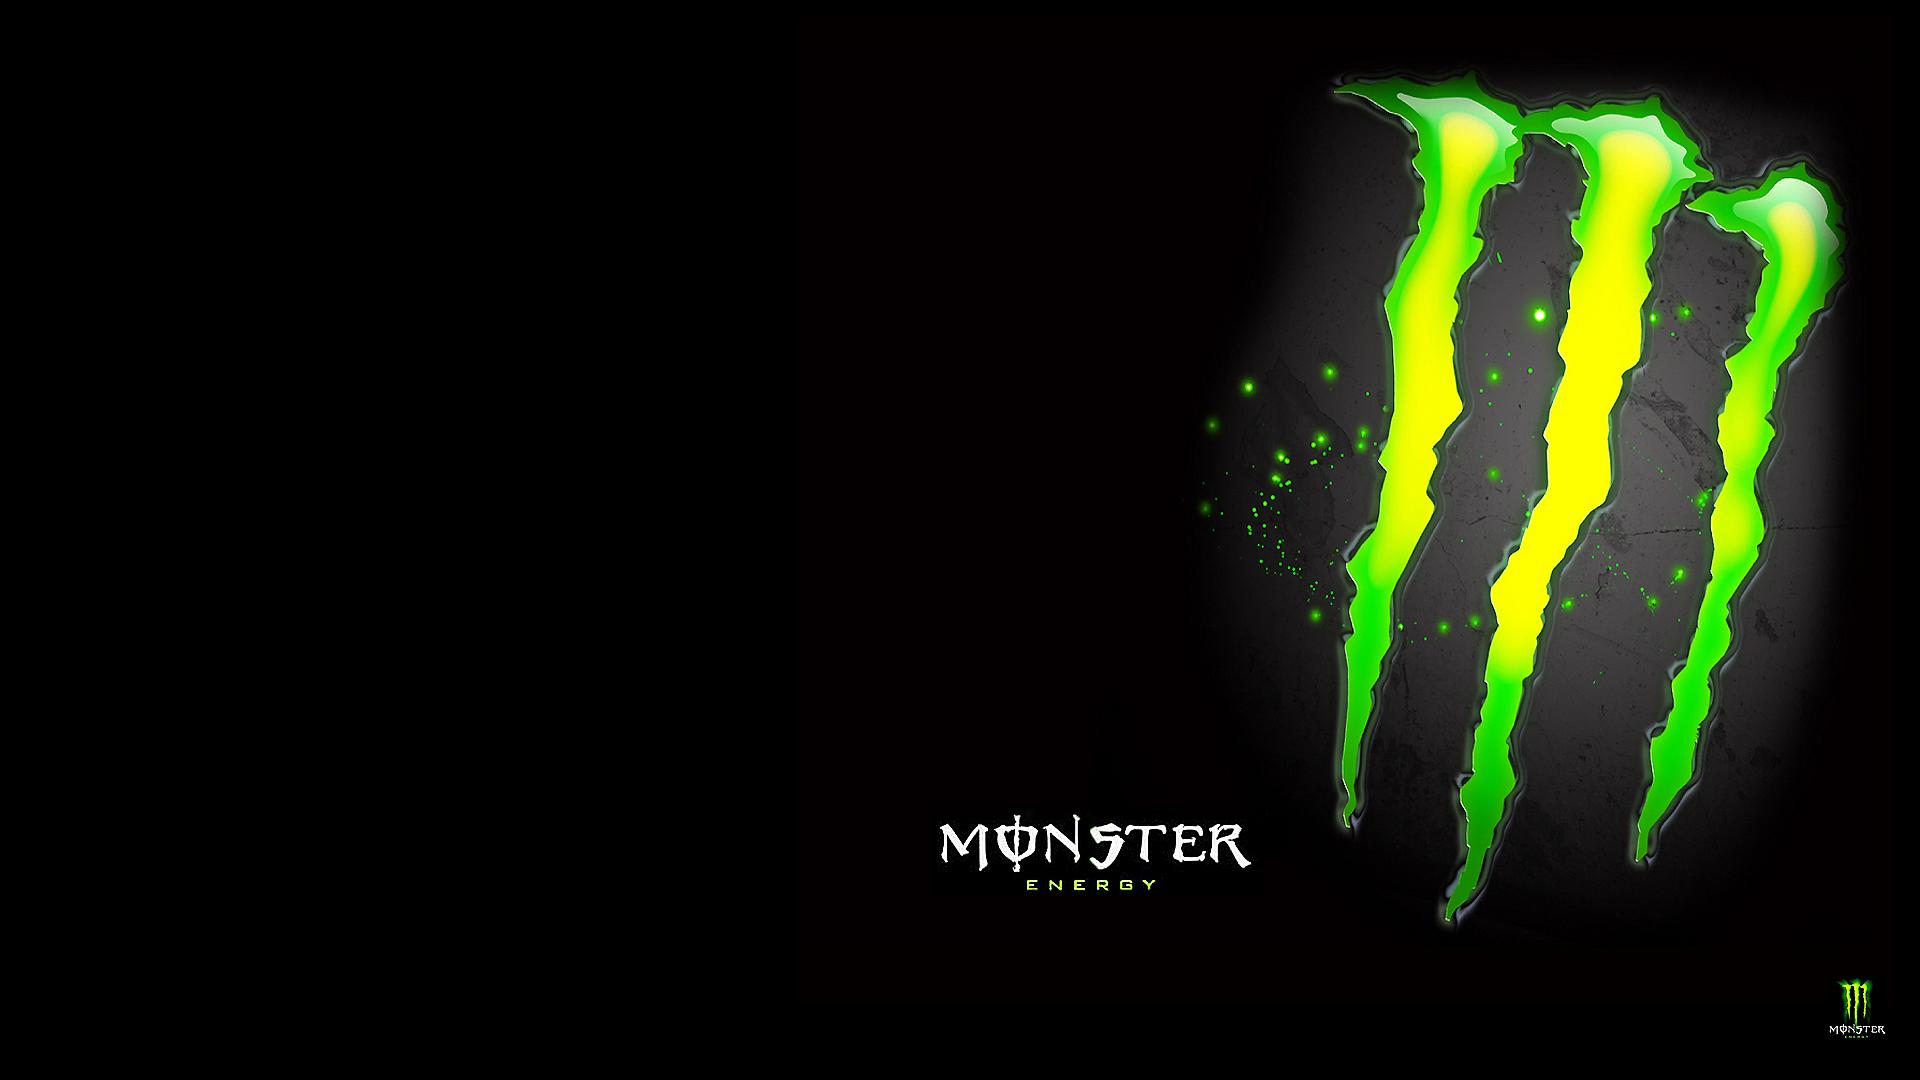 Monster Energy wallpaper   408135 1920x1080